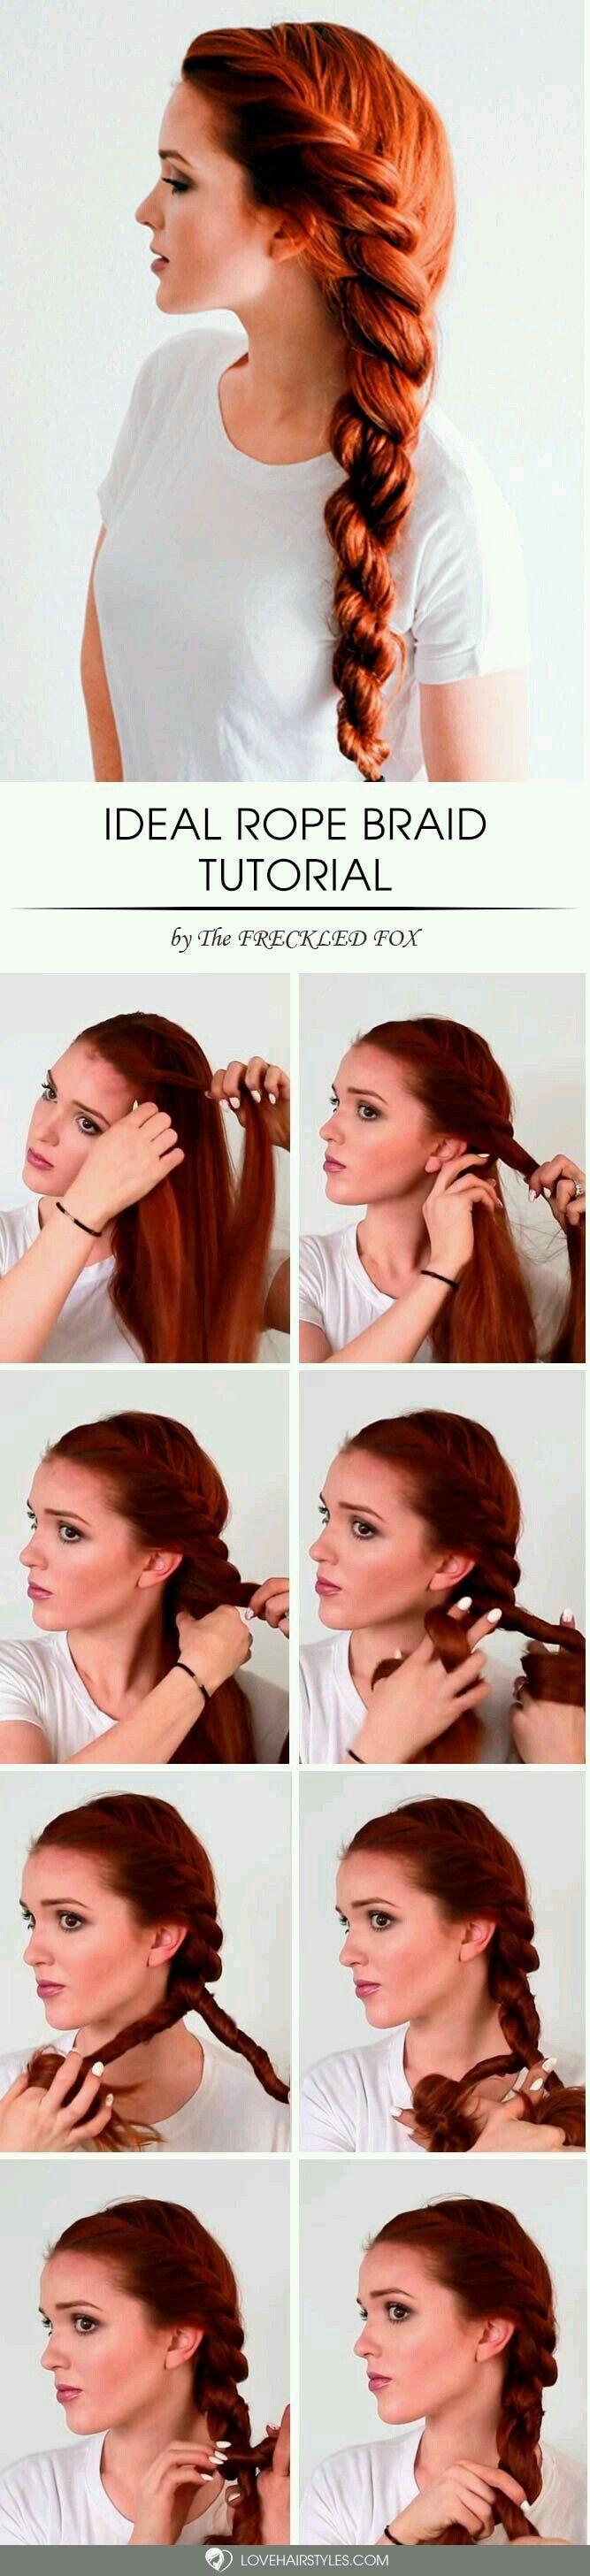 cute braided hairstyles for girls braid hair tutorials rope